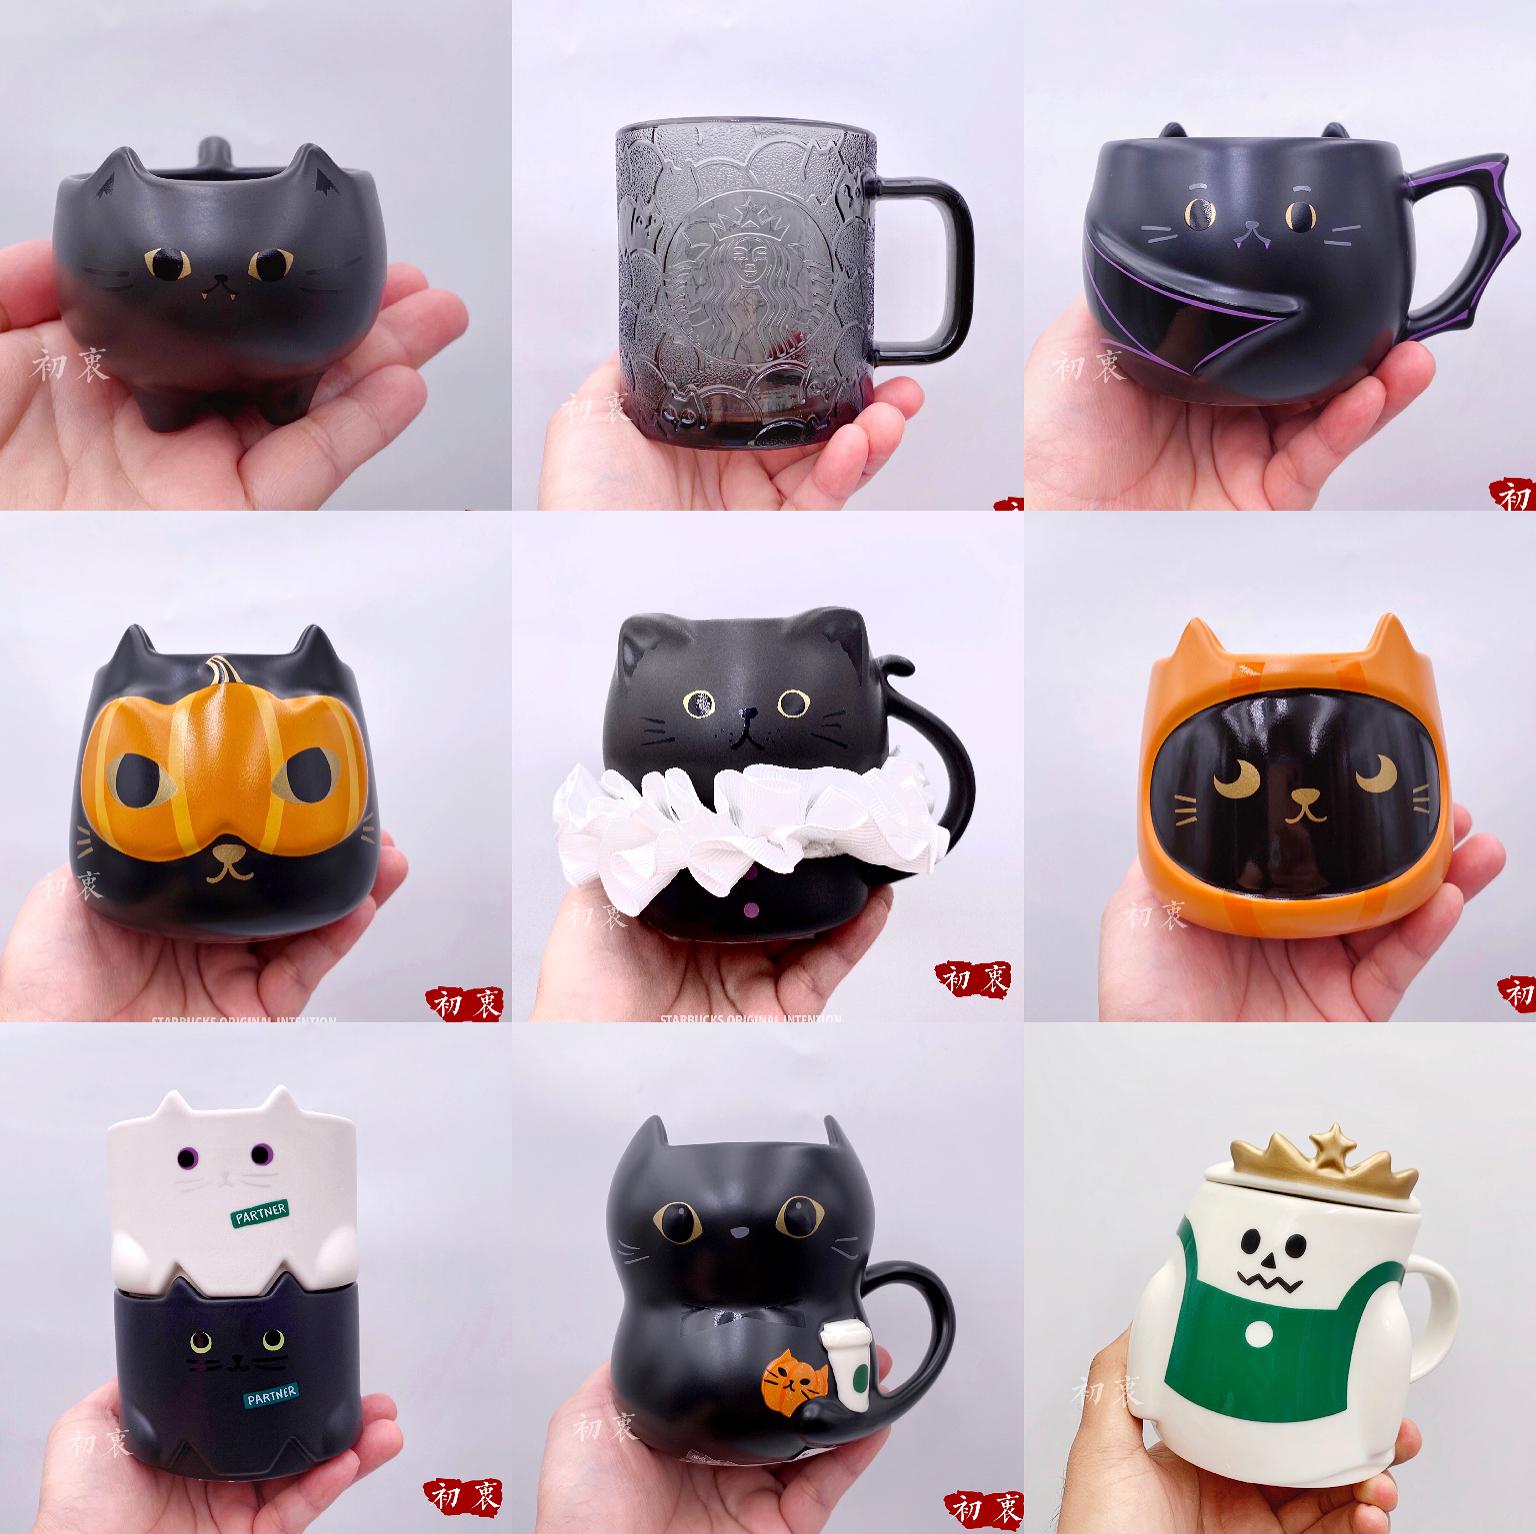 星巴克杯子2020耶誕禮物臺灣日本香港黑貓捉迷藏附蓋陶瓷馬克杯